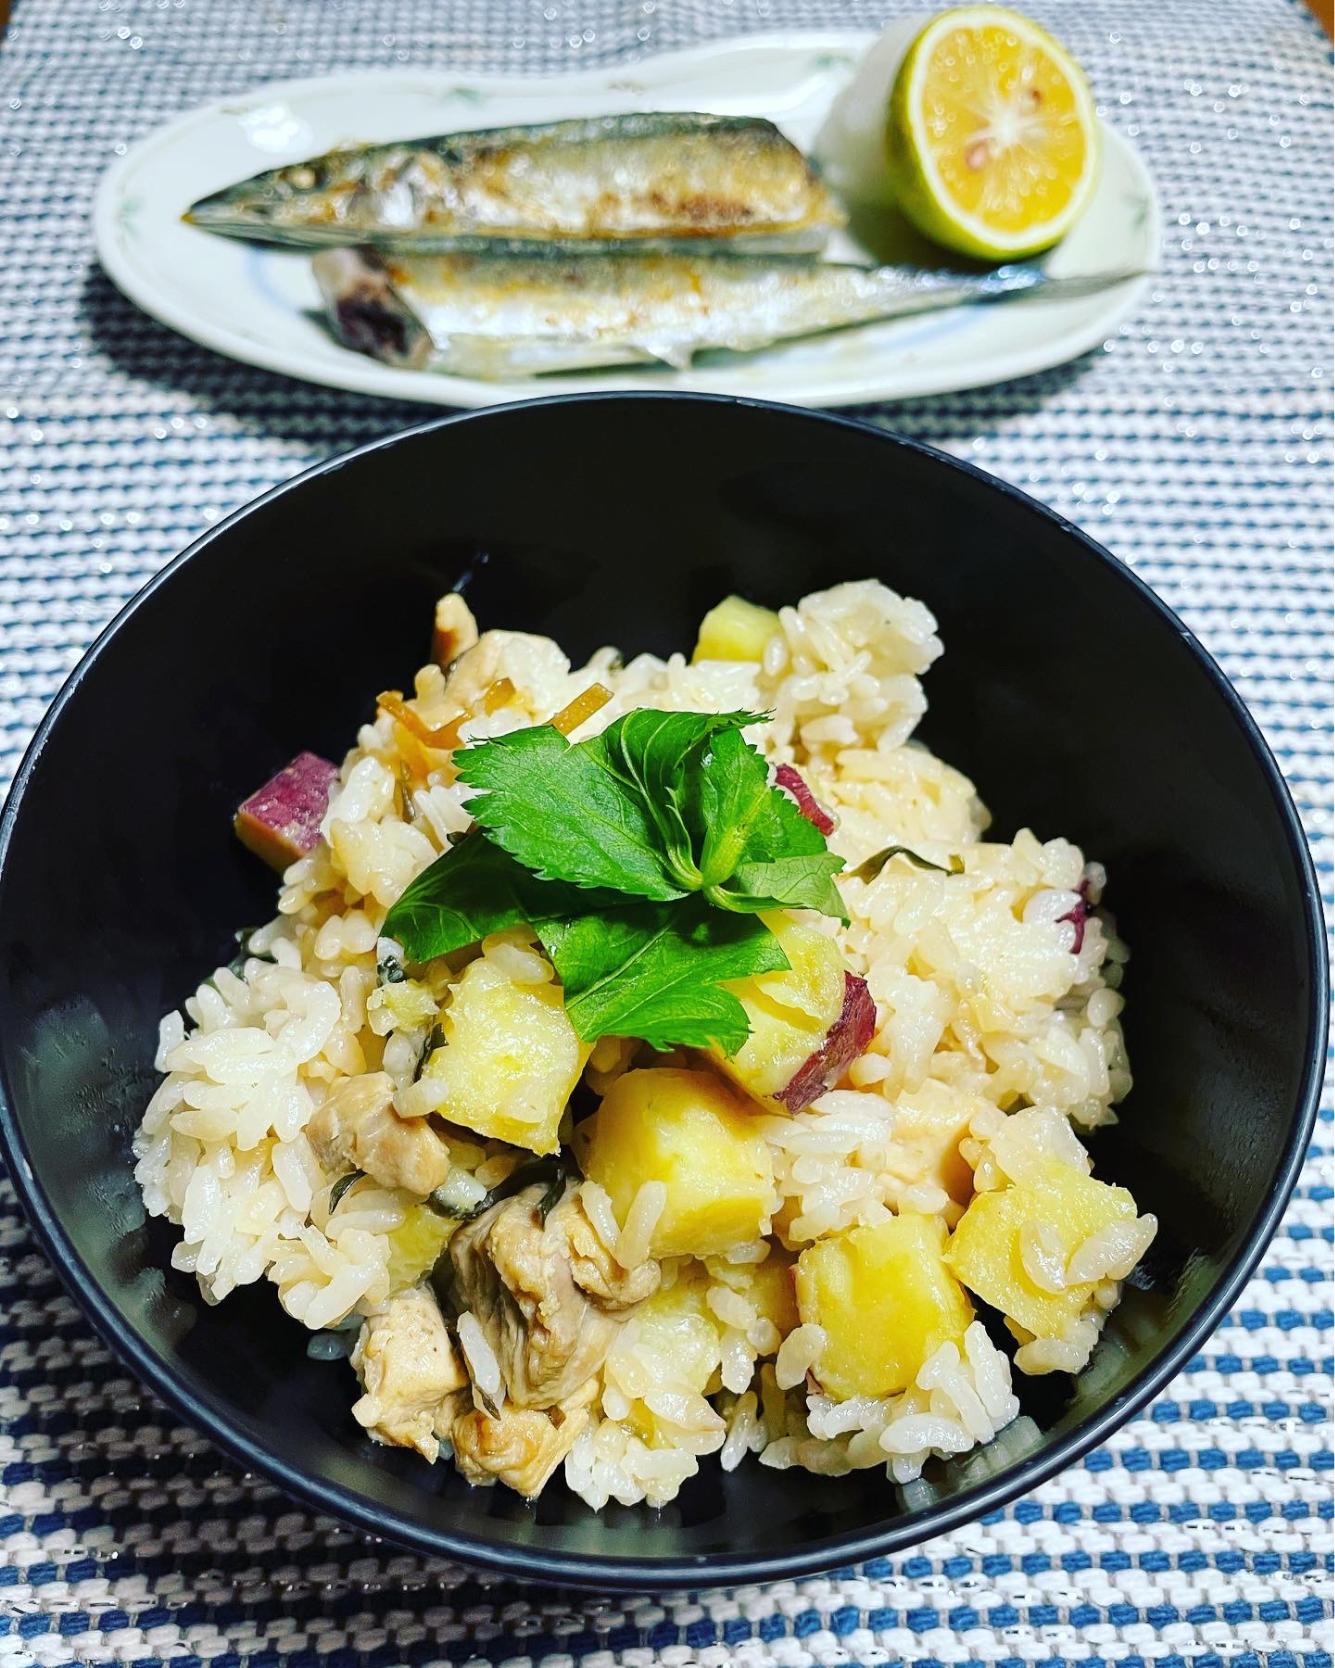 バター香る芋ご飯と秋刀魚の塩焼き